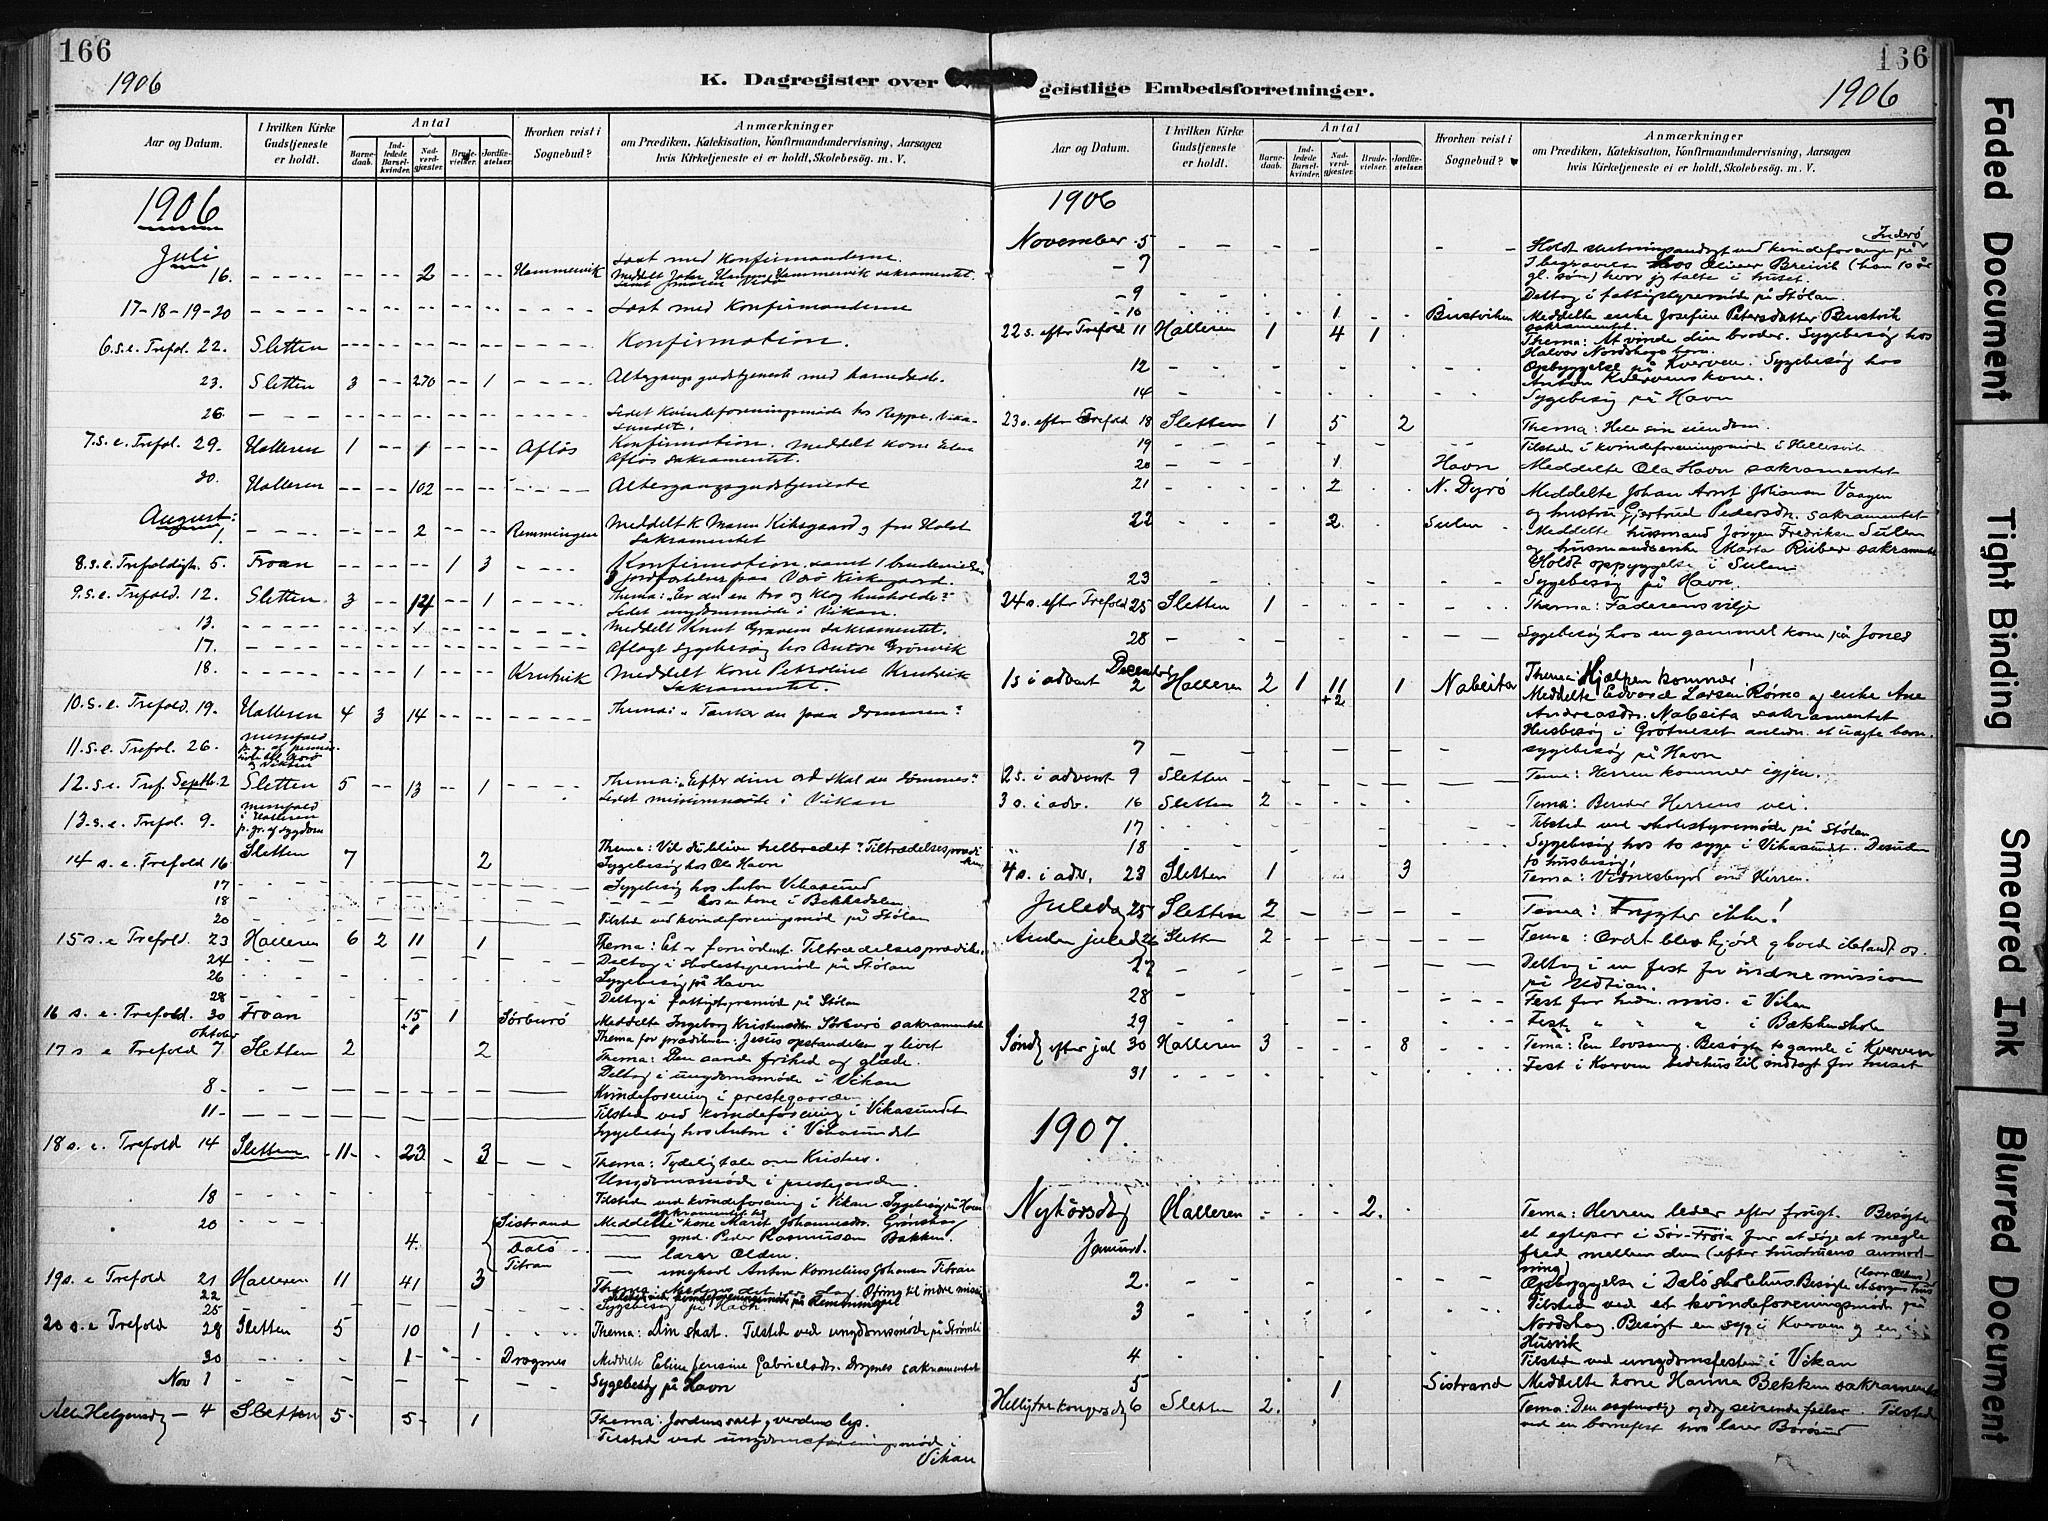 SAT, Ministerialprotokoller, klokkerbøker og fødselsregistre - Sør-Trøndelag, 640/L0580: Ministerialbok nr. 640A05, 1902-1910, s. 166